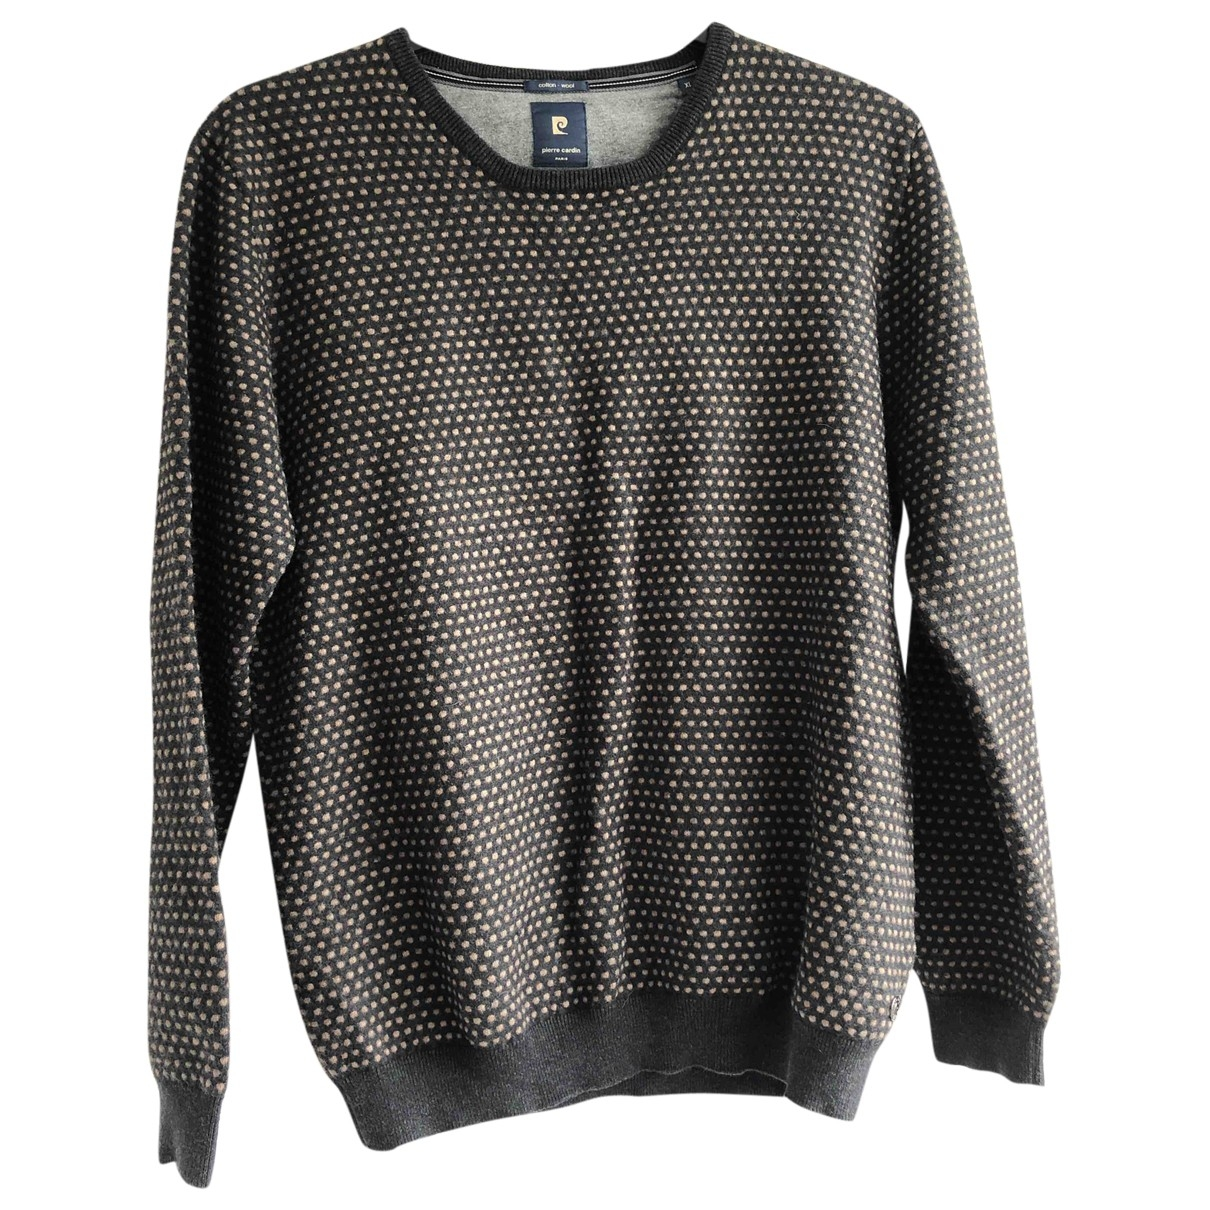 Pierre Cardin \N Black Wool Knitwear & Sweatshirts for Men XL International